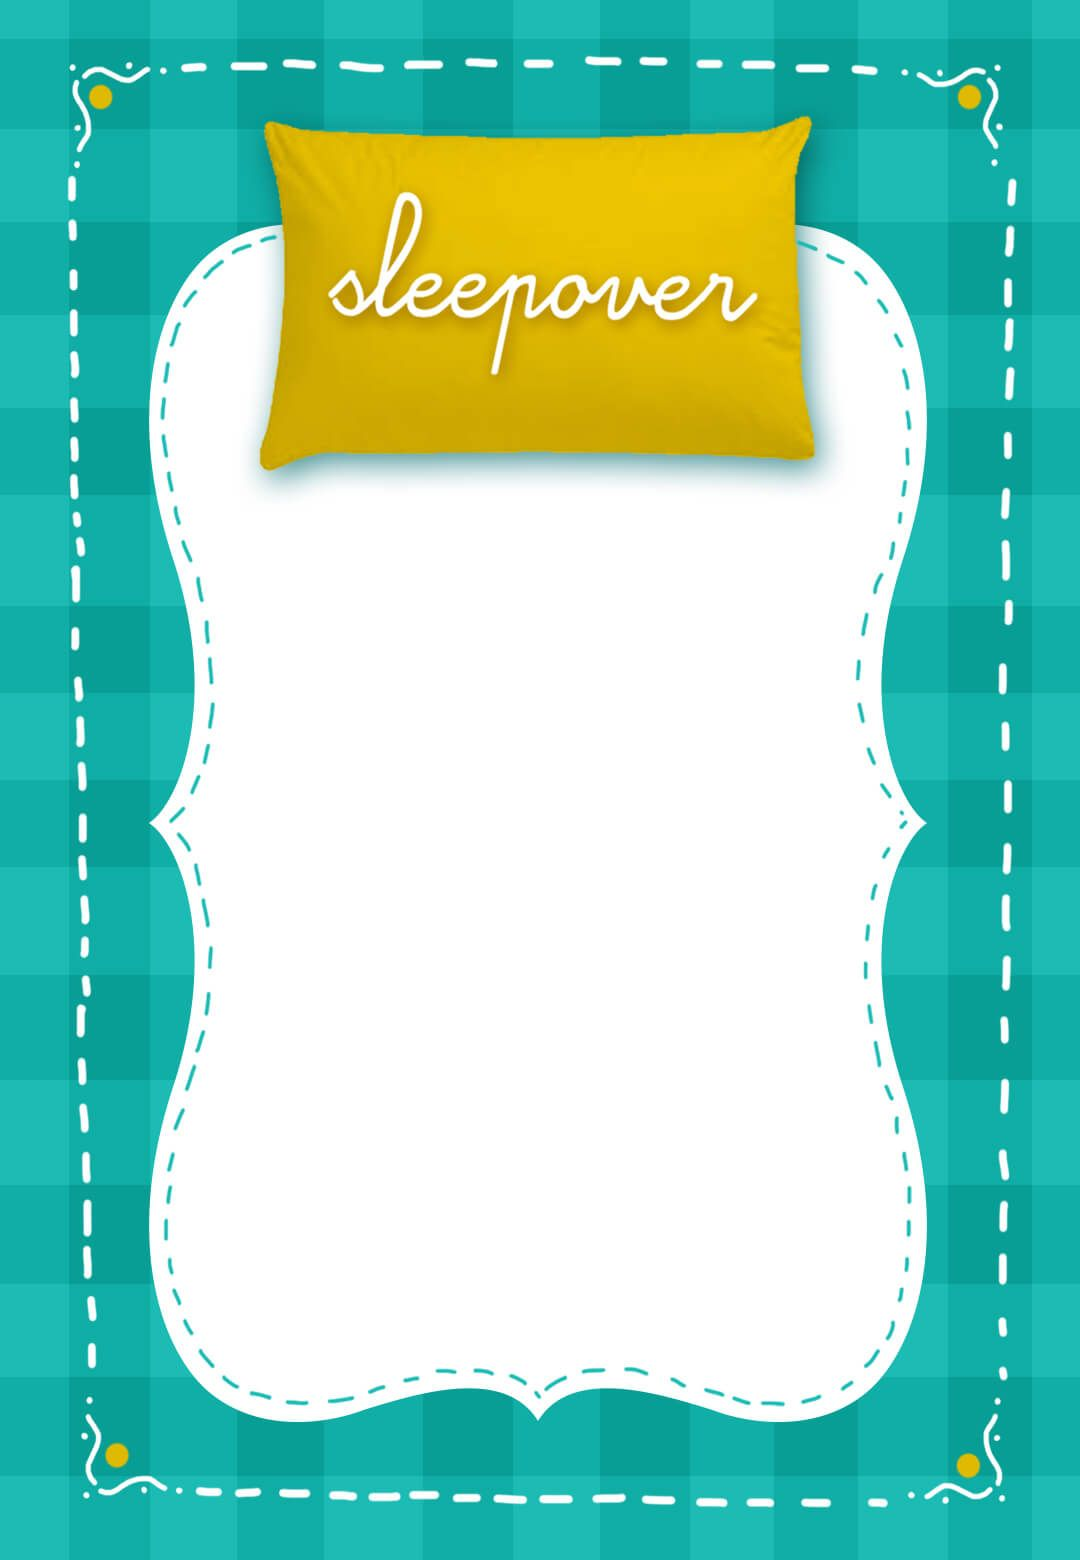 Fun Sleepover Party - Free Printable Sleepover Party Invitation ...